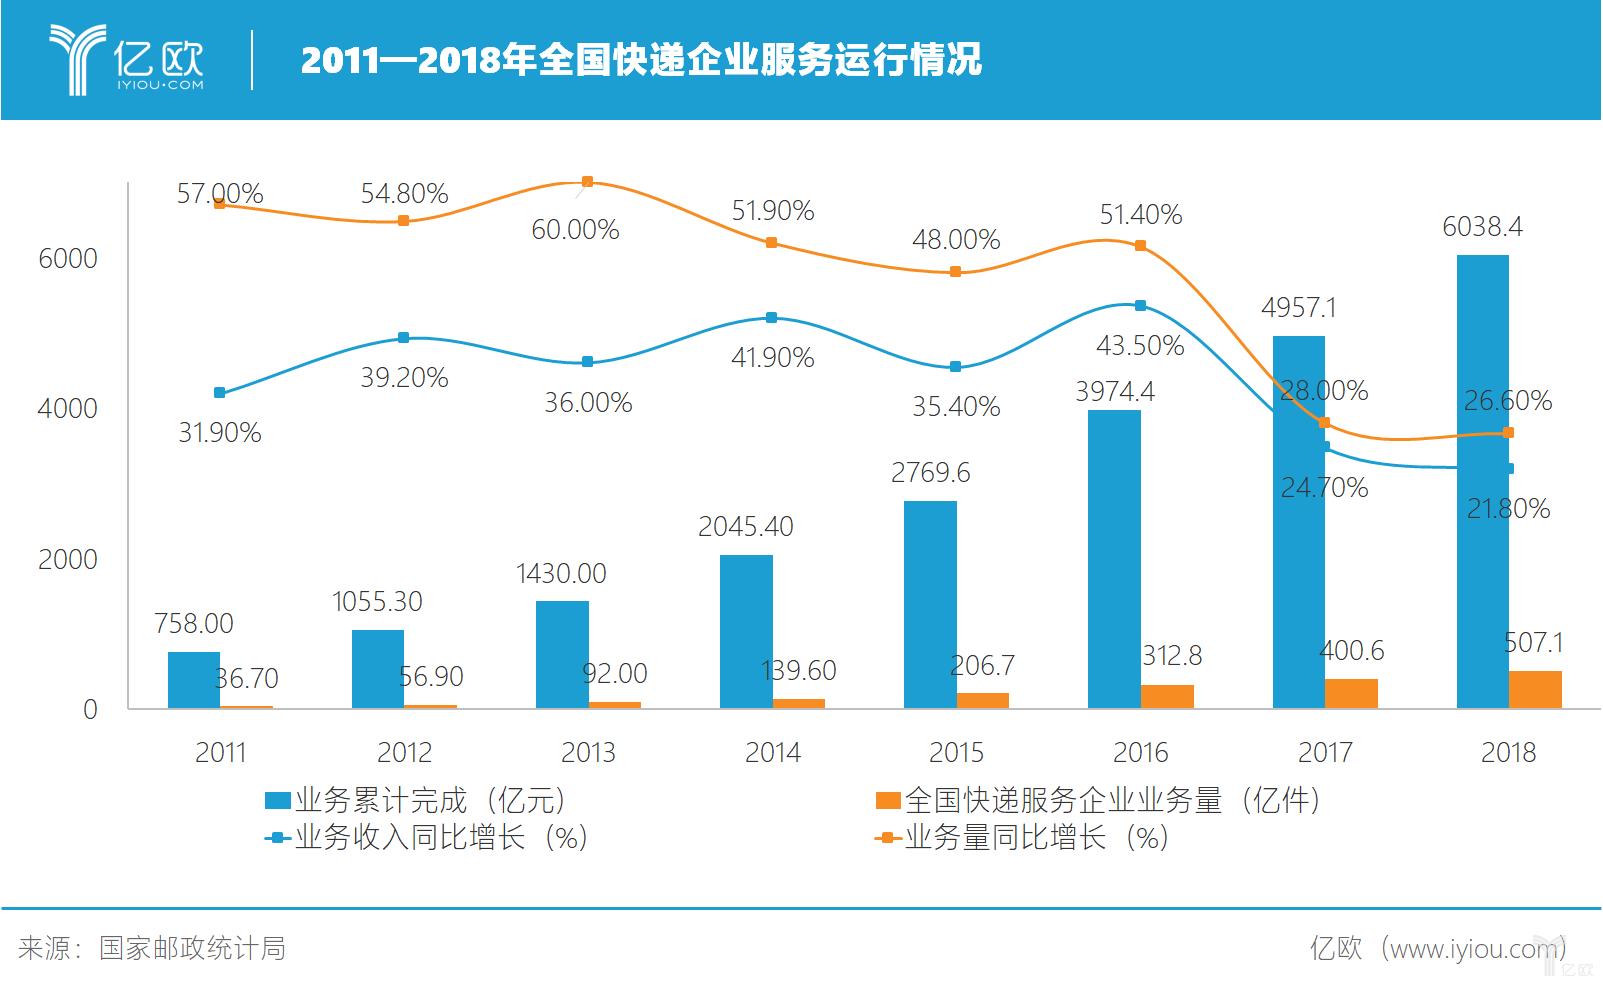 2011-2018年全国快递企业服务运行情况